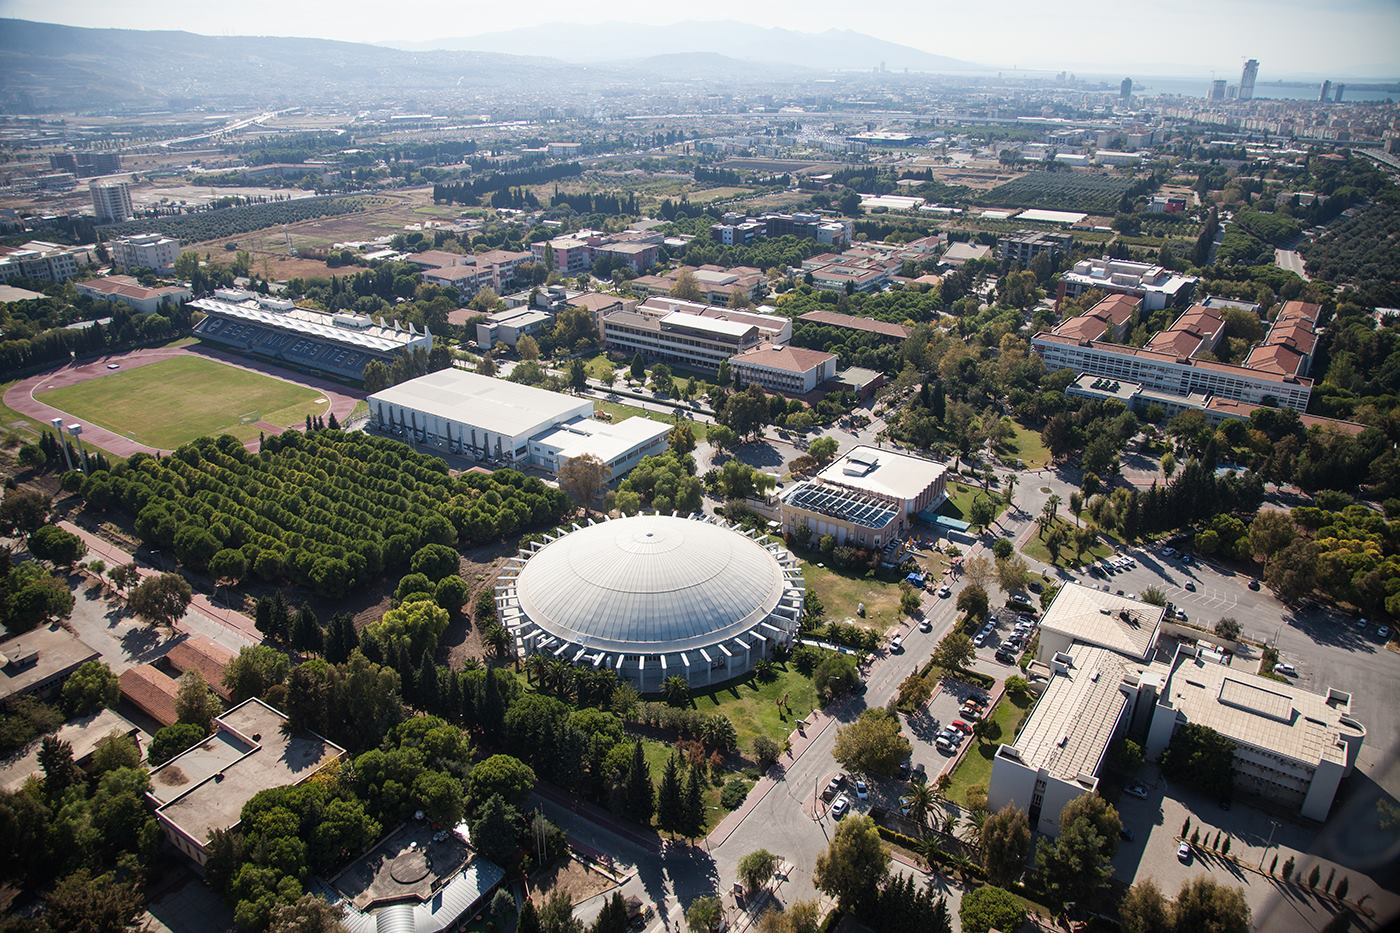 Ege University Campus